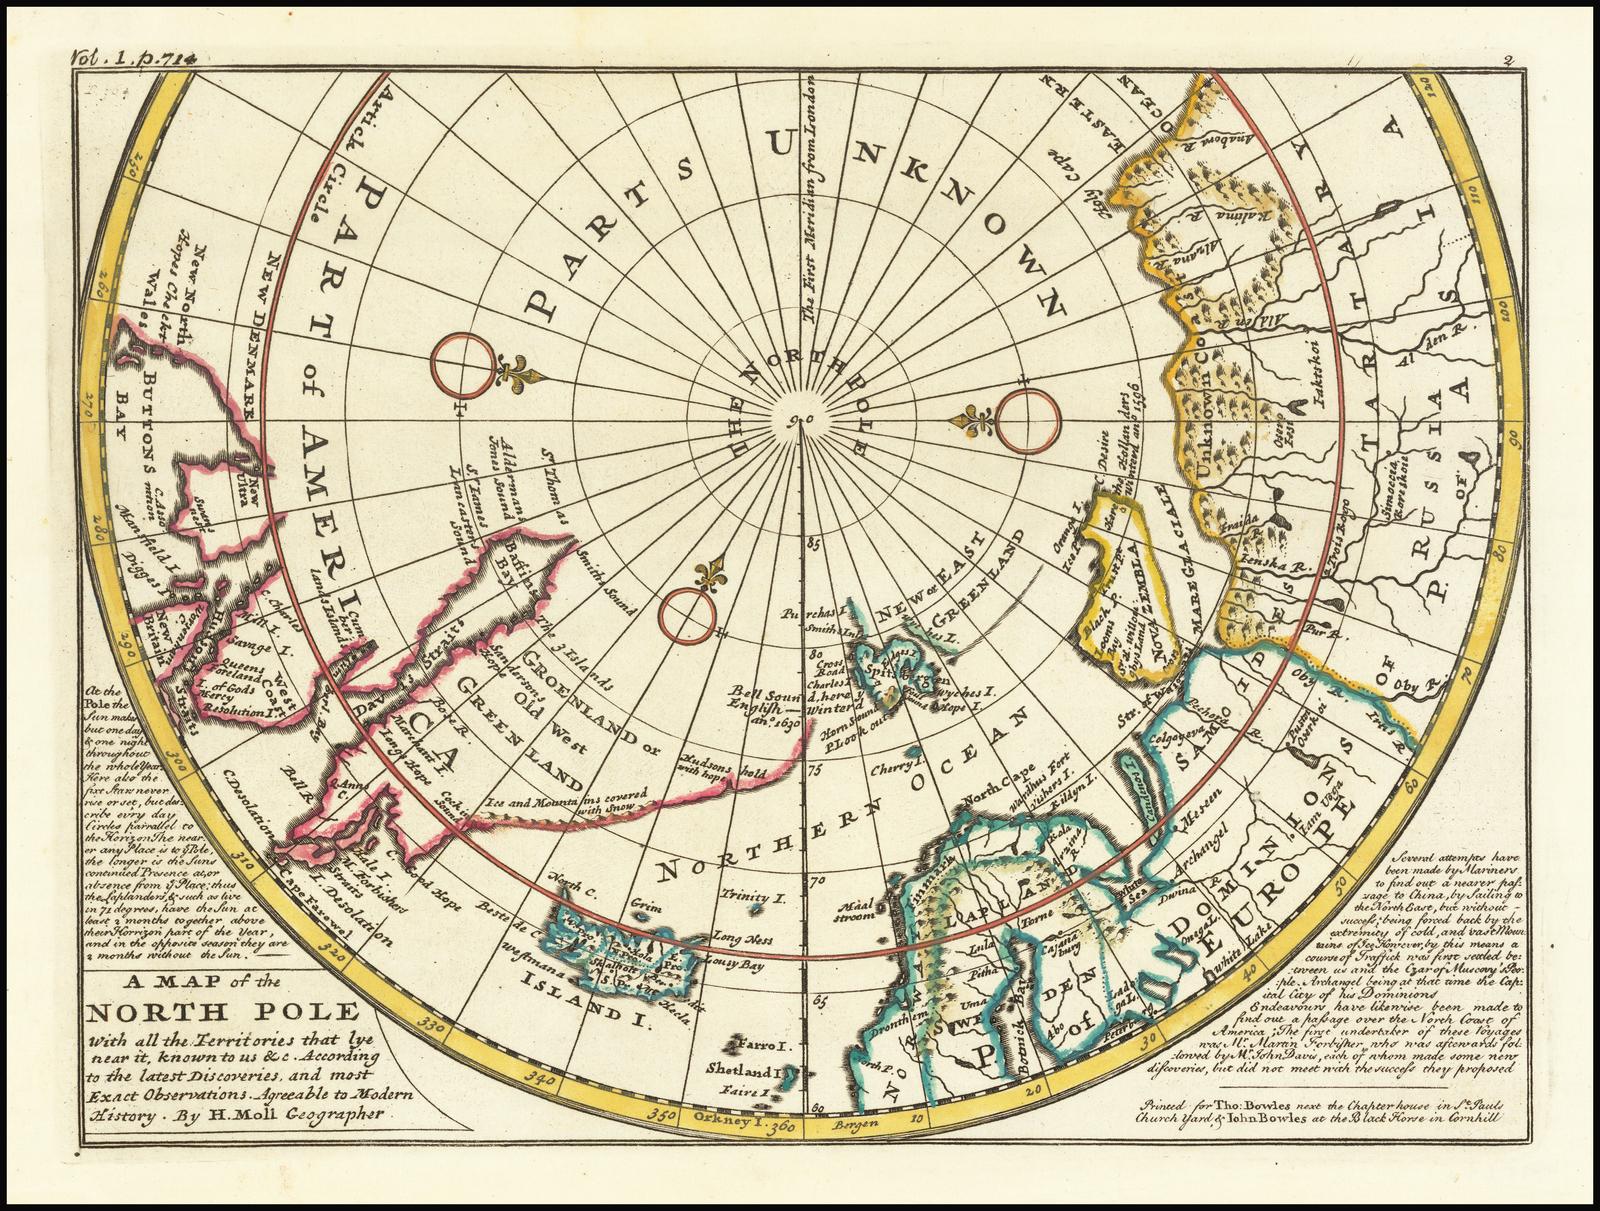 Карта северных полярных областей 18 века Германа Молла